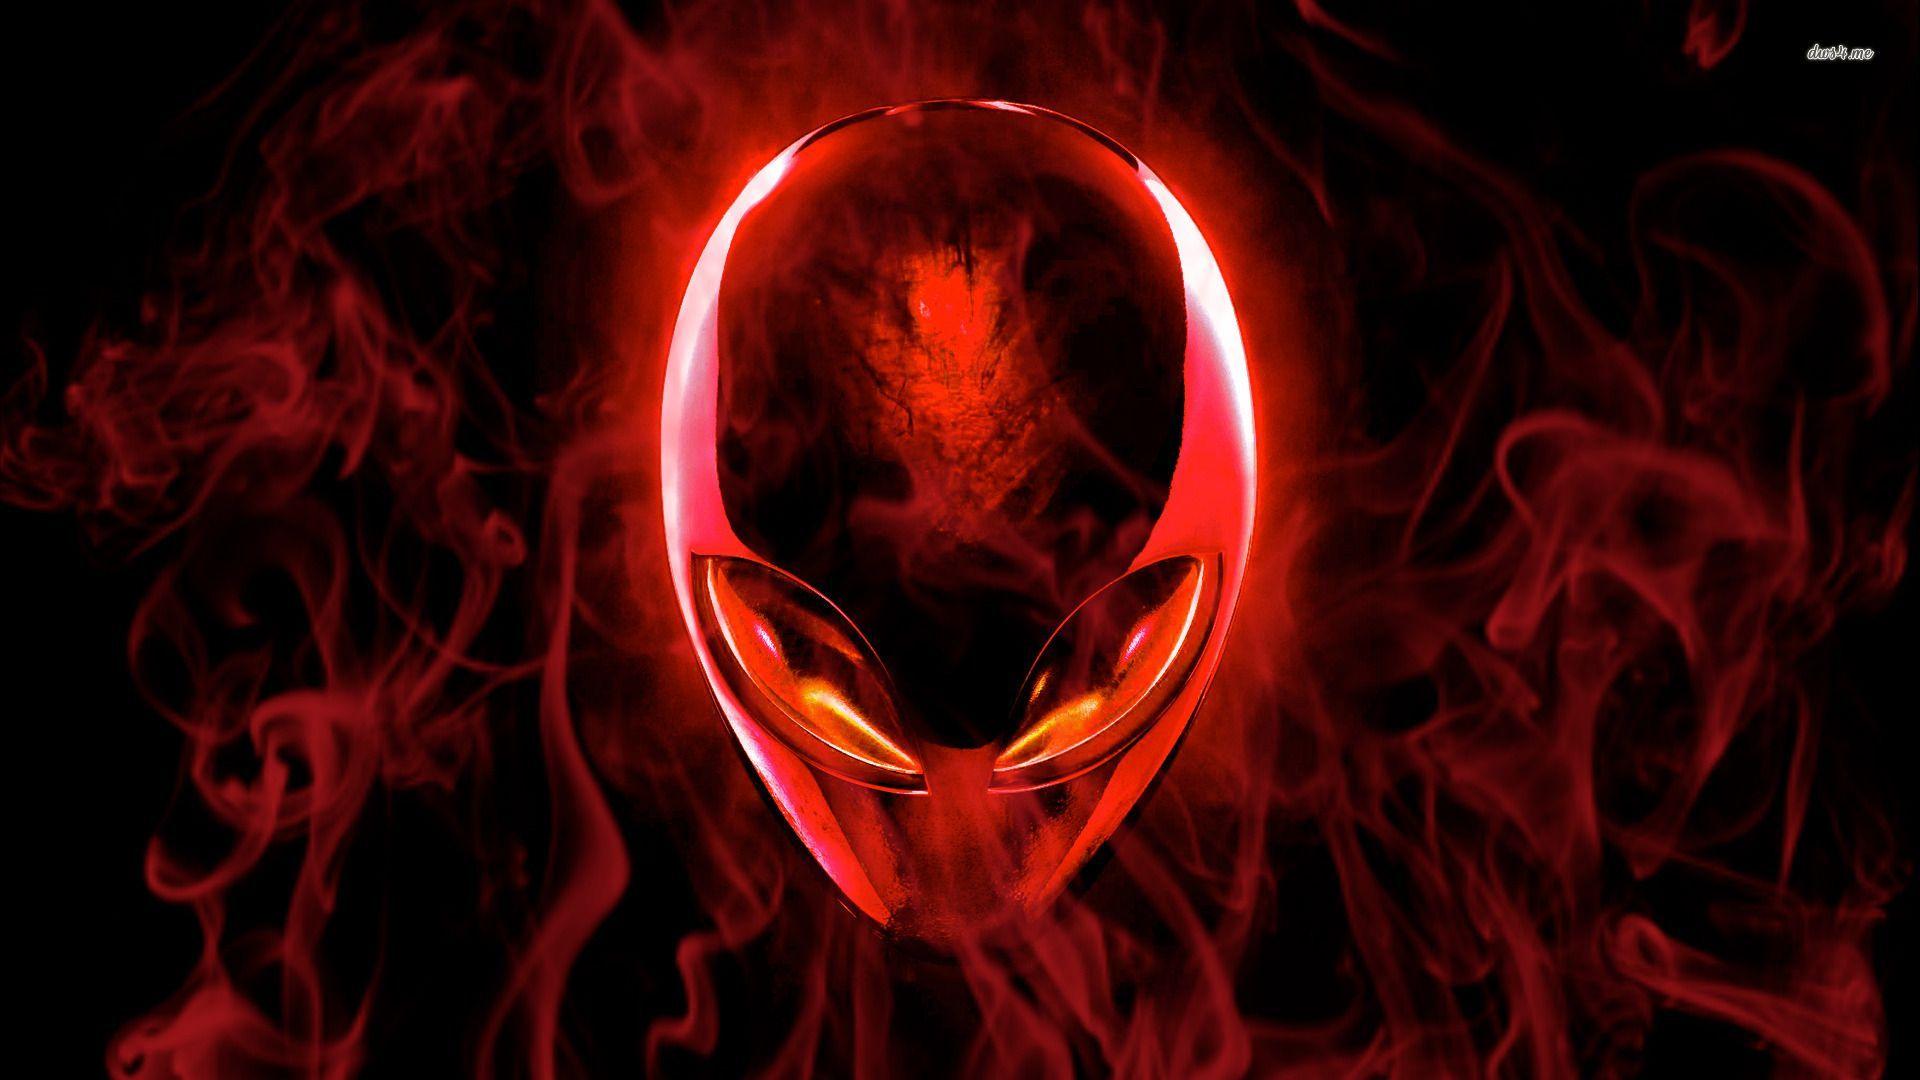 Alienware Red Wallpaper